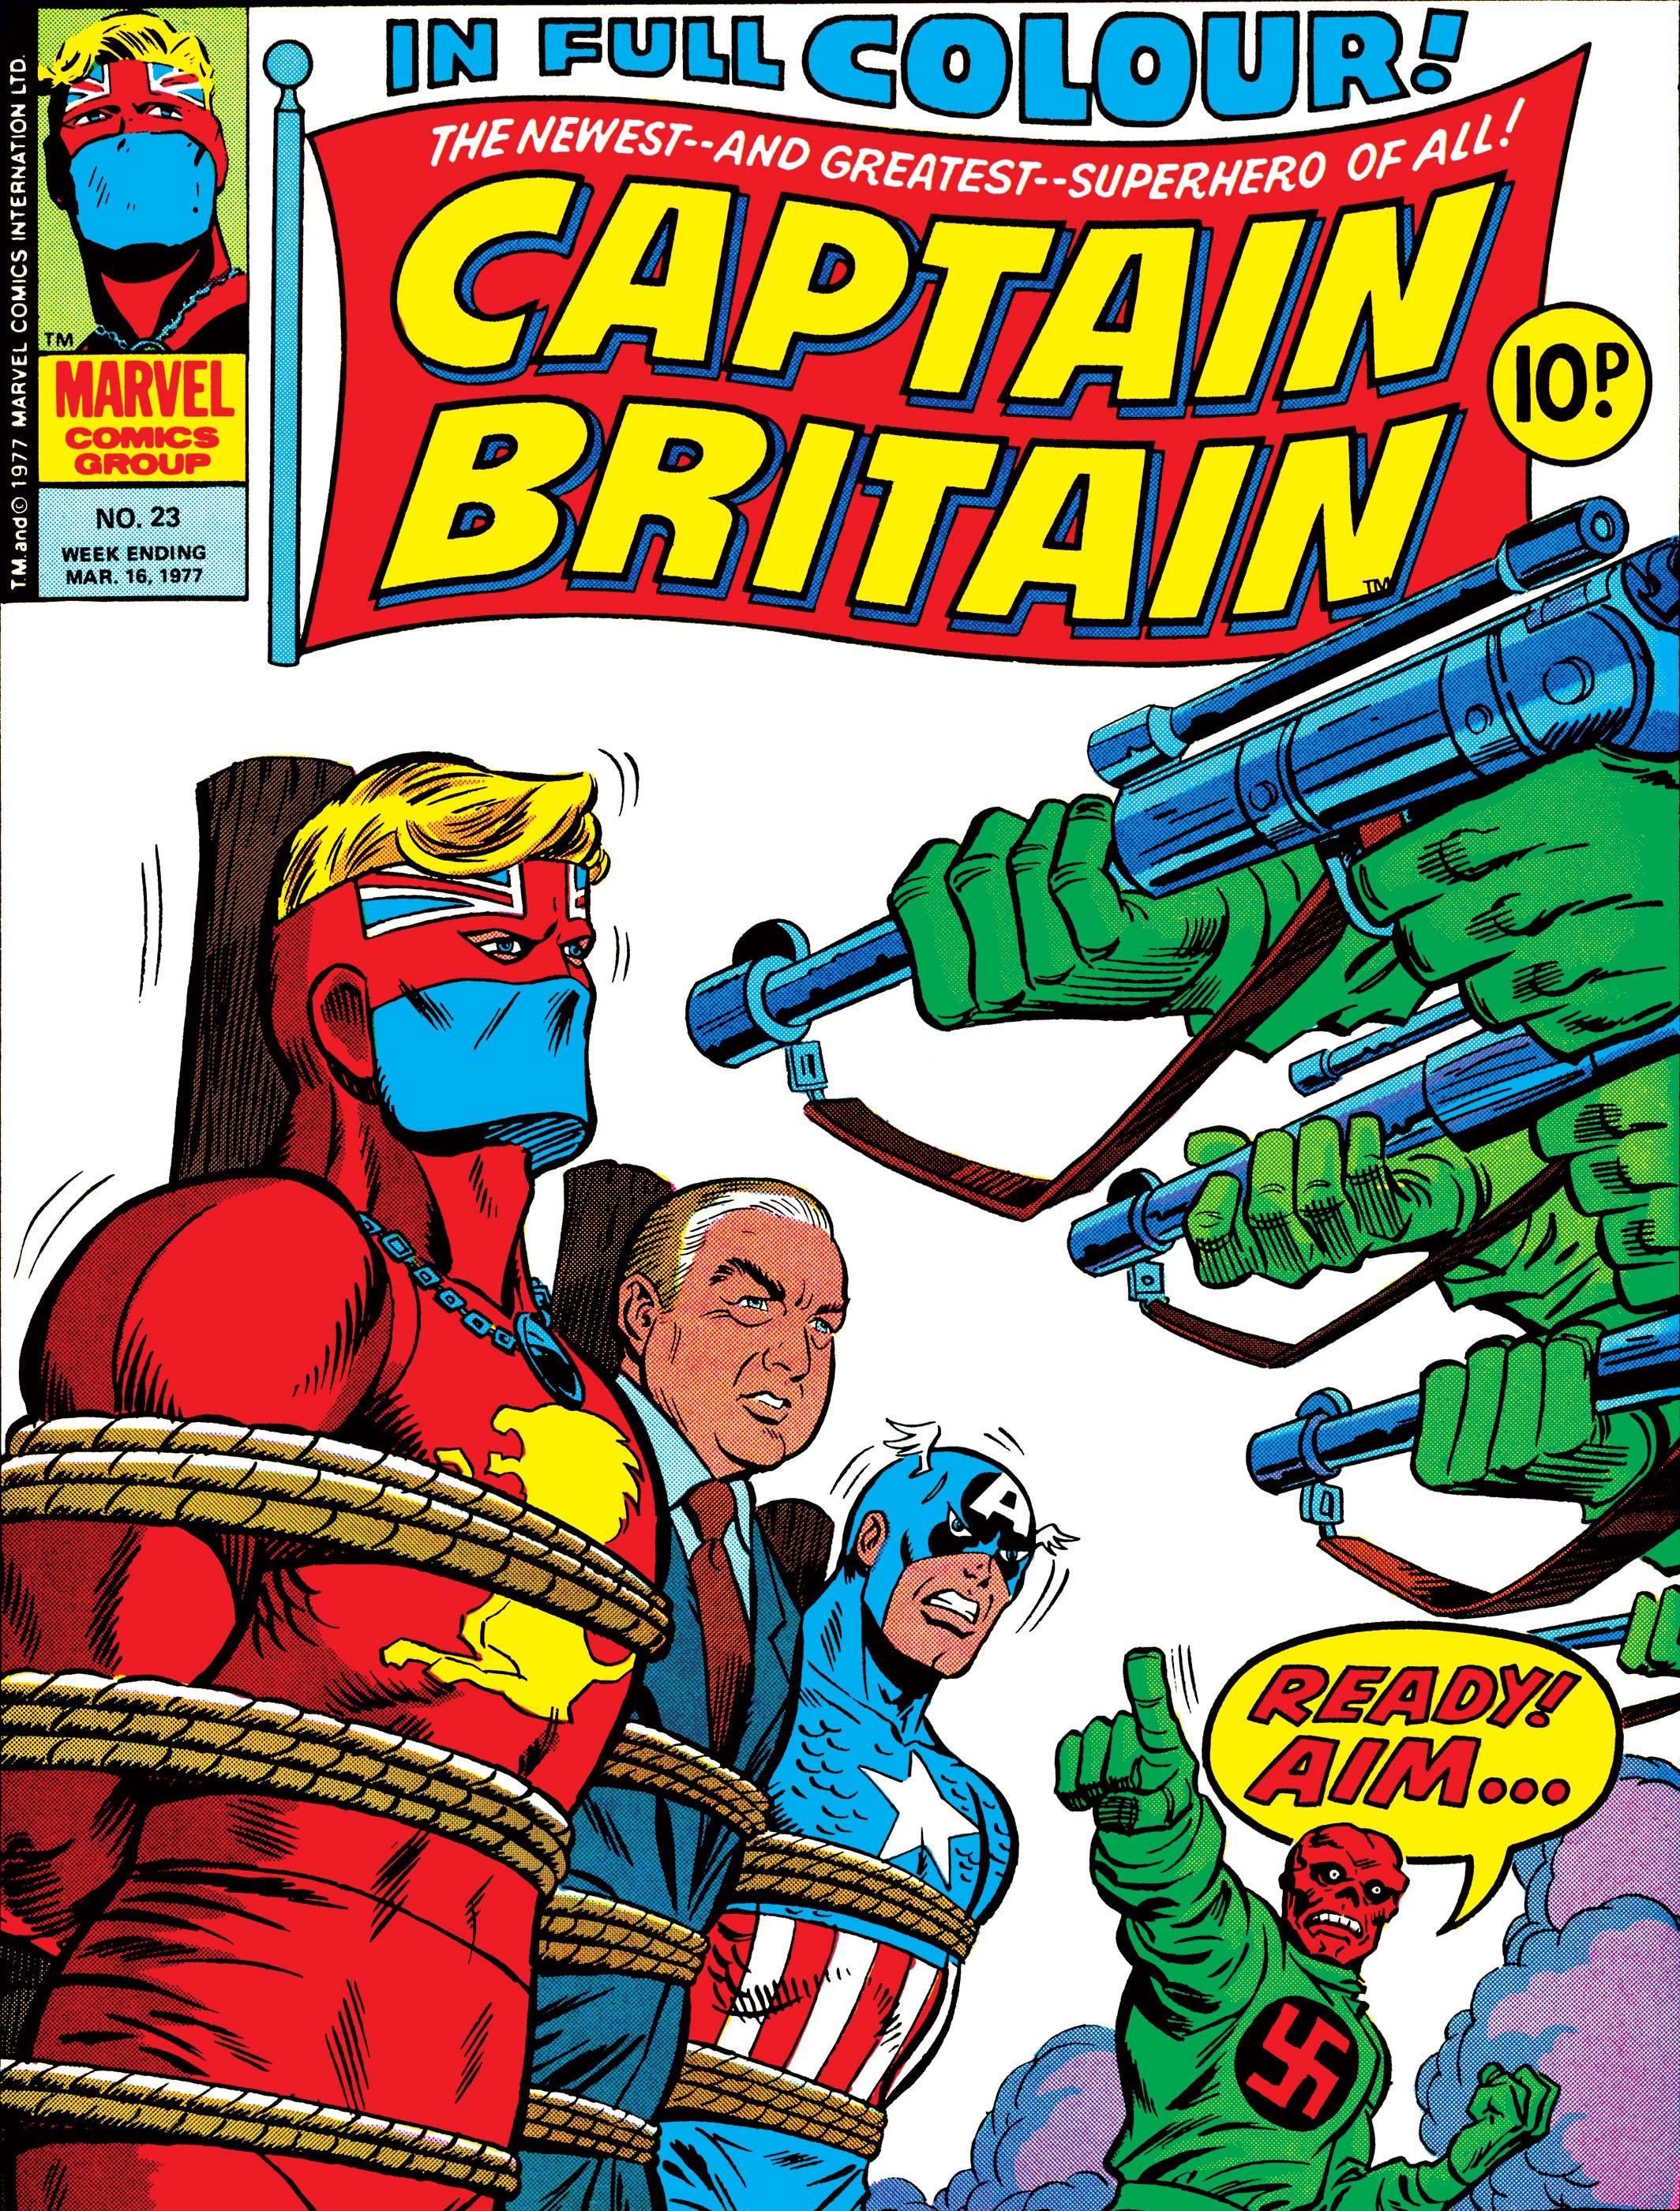 Captain Britain (1976) #23